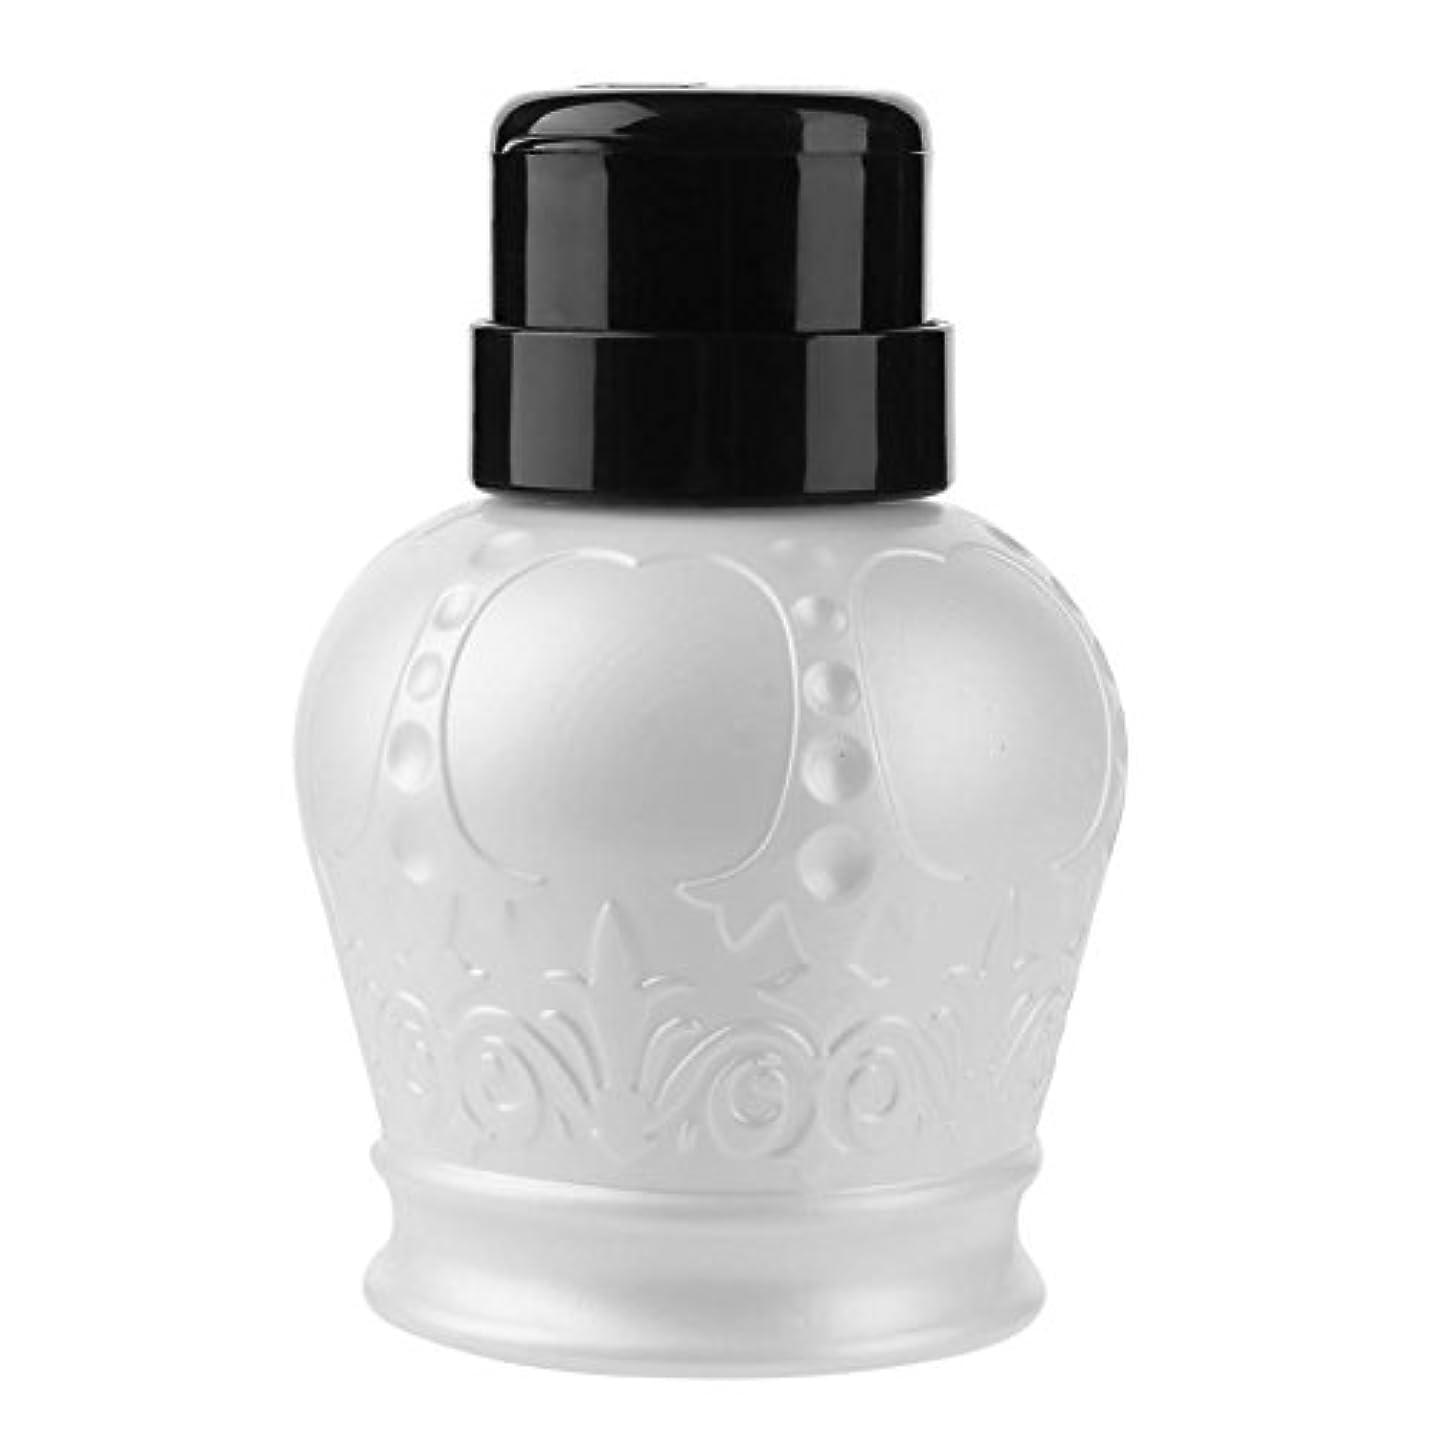 ビル農民大通りDemiawaking 詰め替え容器  乳液  化粧水  コンディショナー クリーム シャンプー 調味料入れ ホテル 旅行用品  出張用 多機能